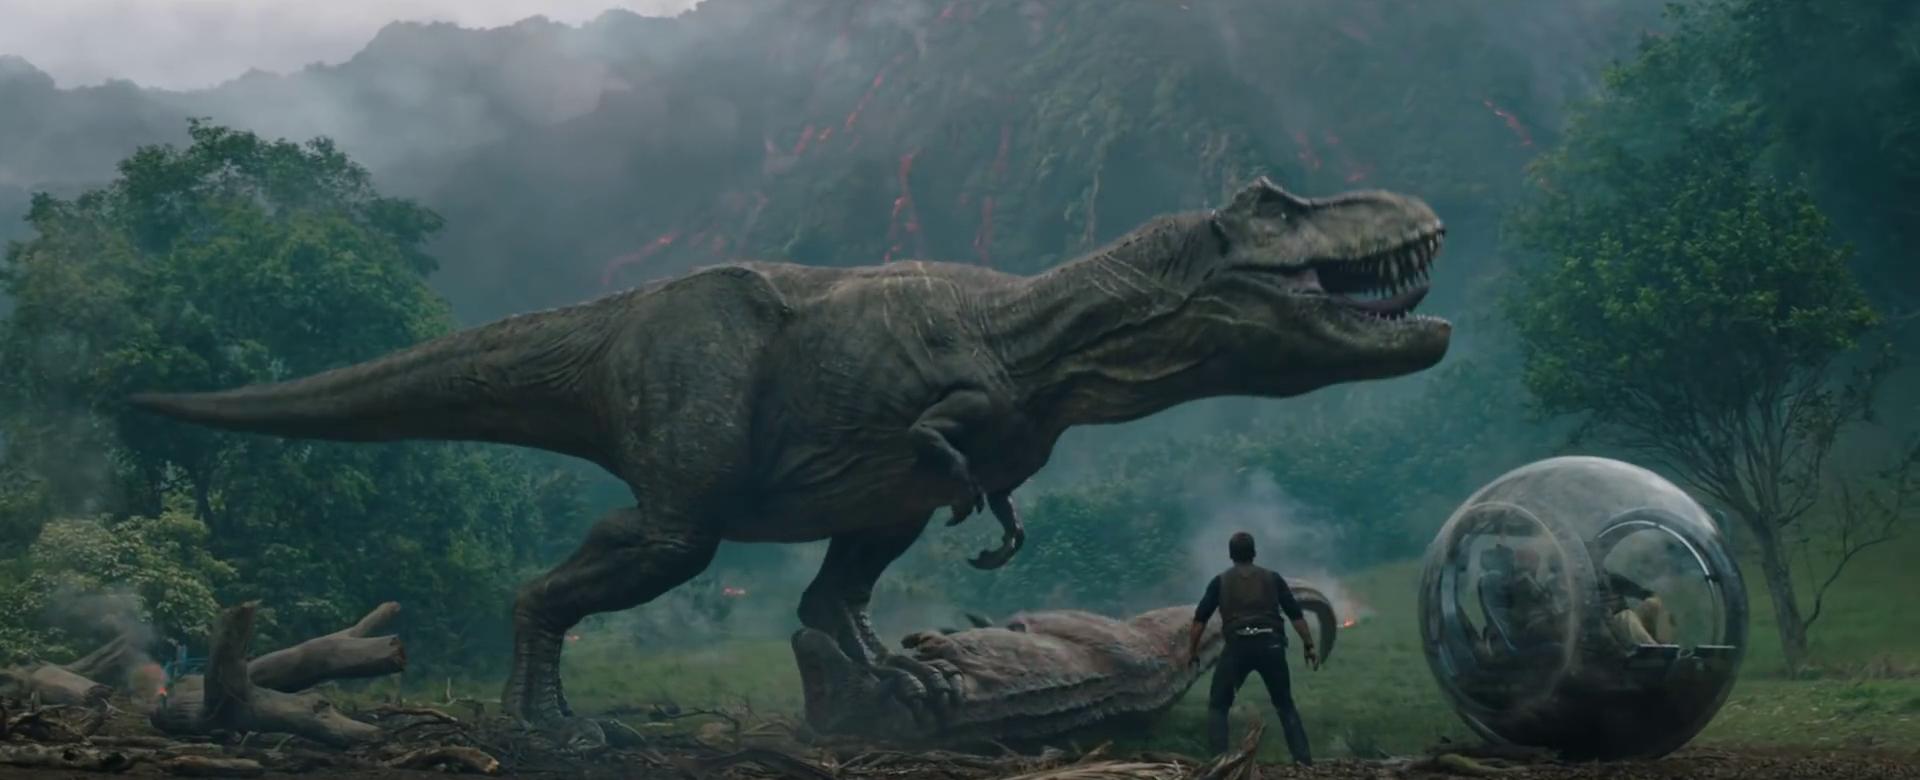 26-rexy.jpg